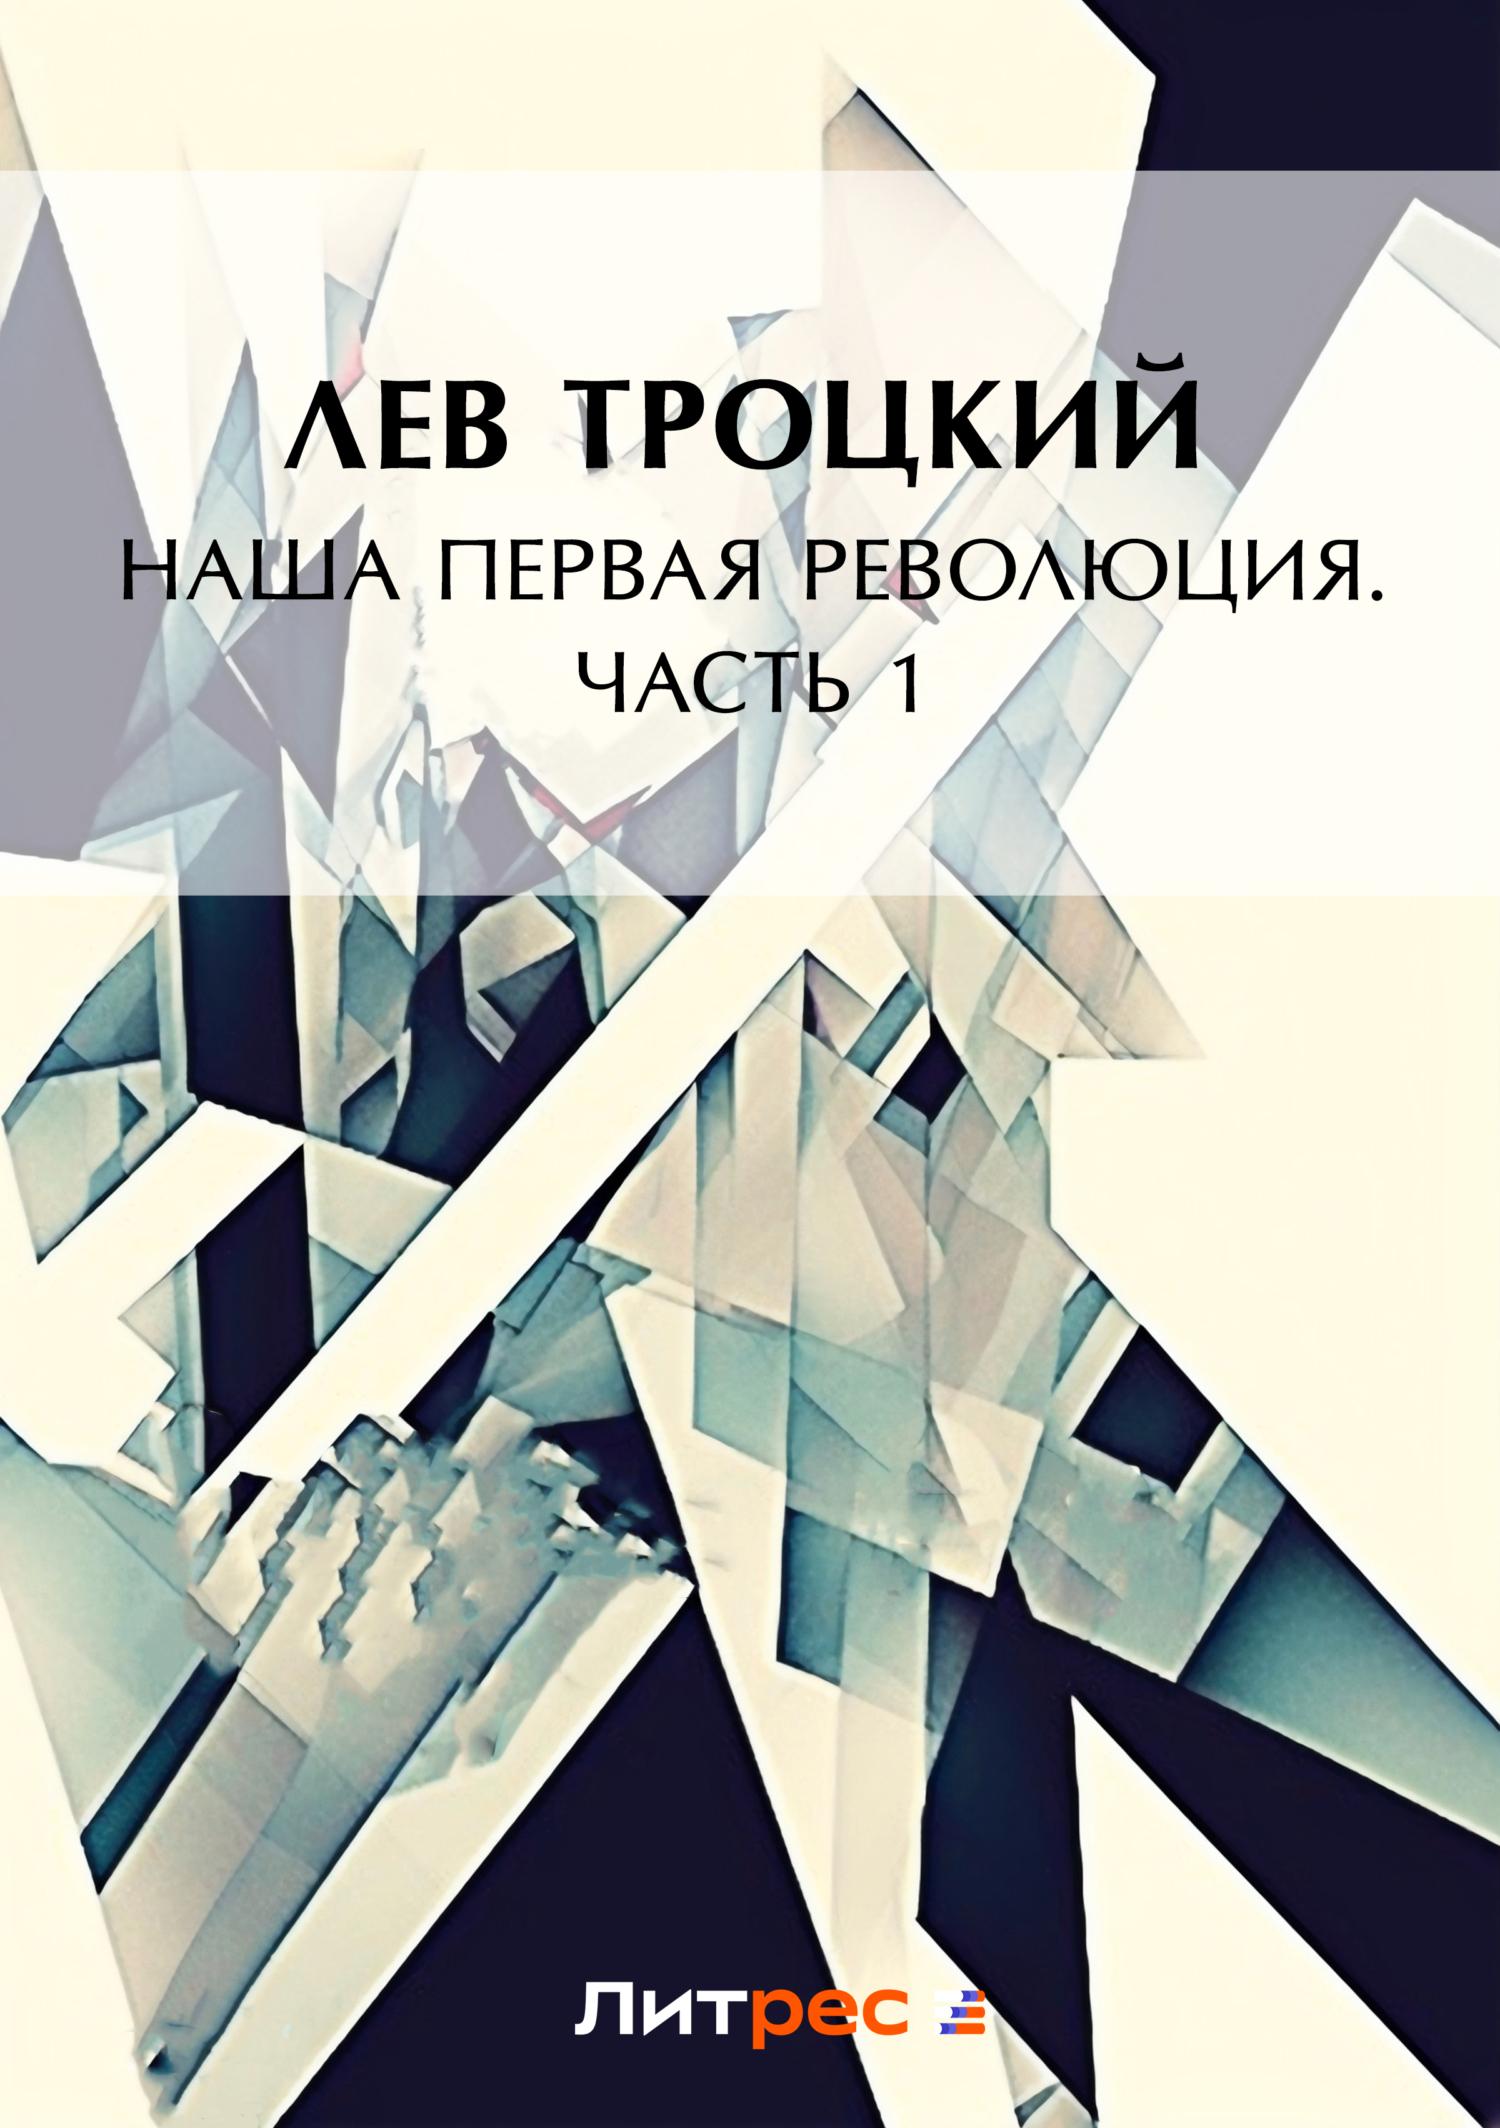 Лев Троцкий Наша первая революция. Часть I 1985 80 летие революции 1905 г 5589кб квартблок